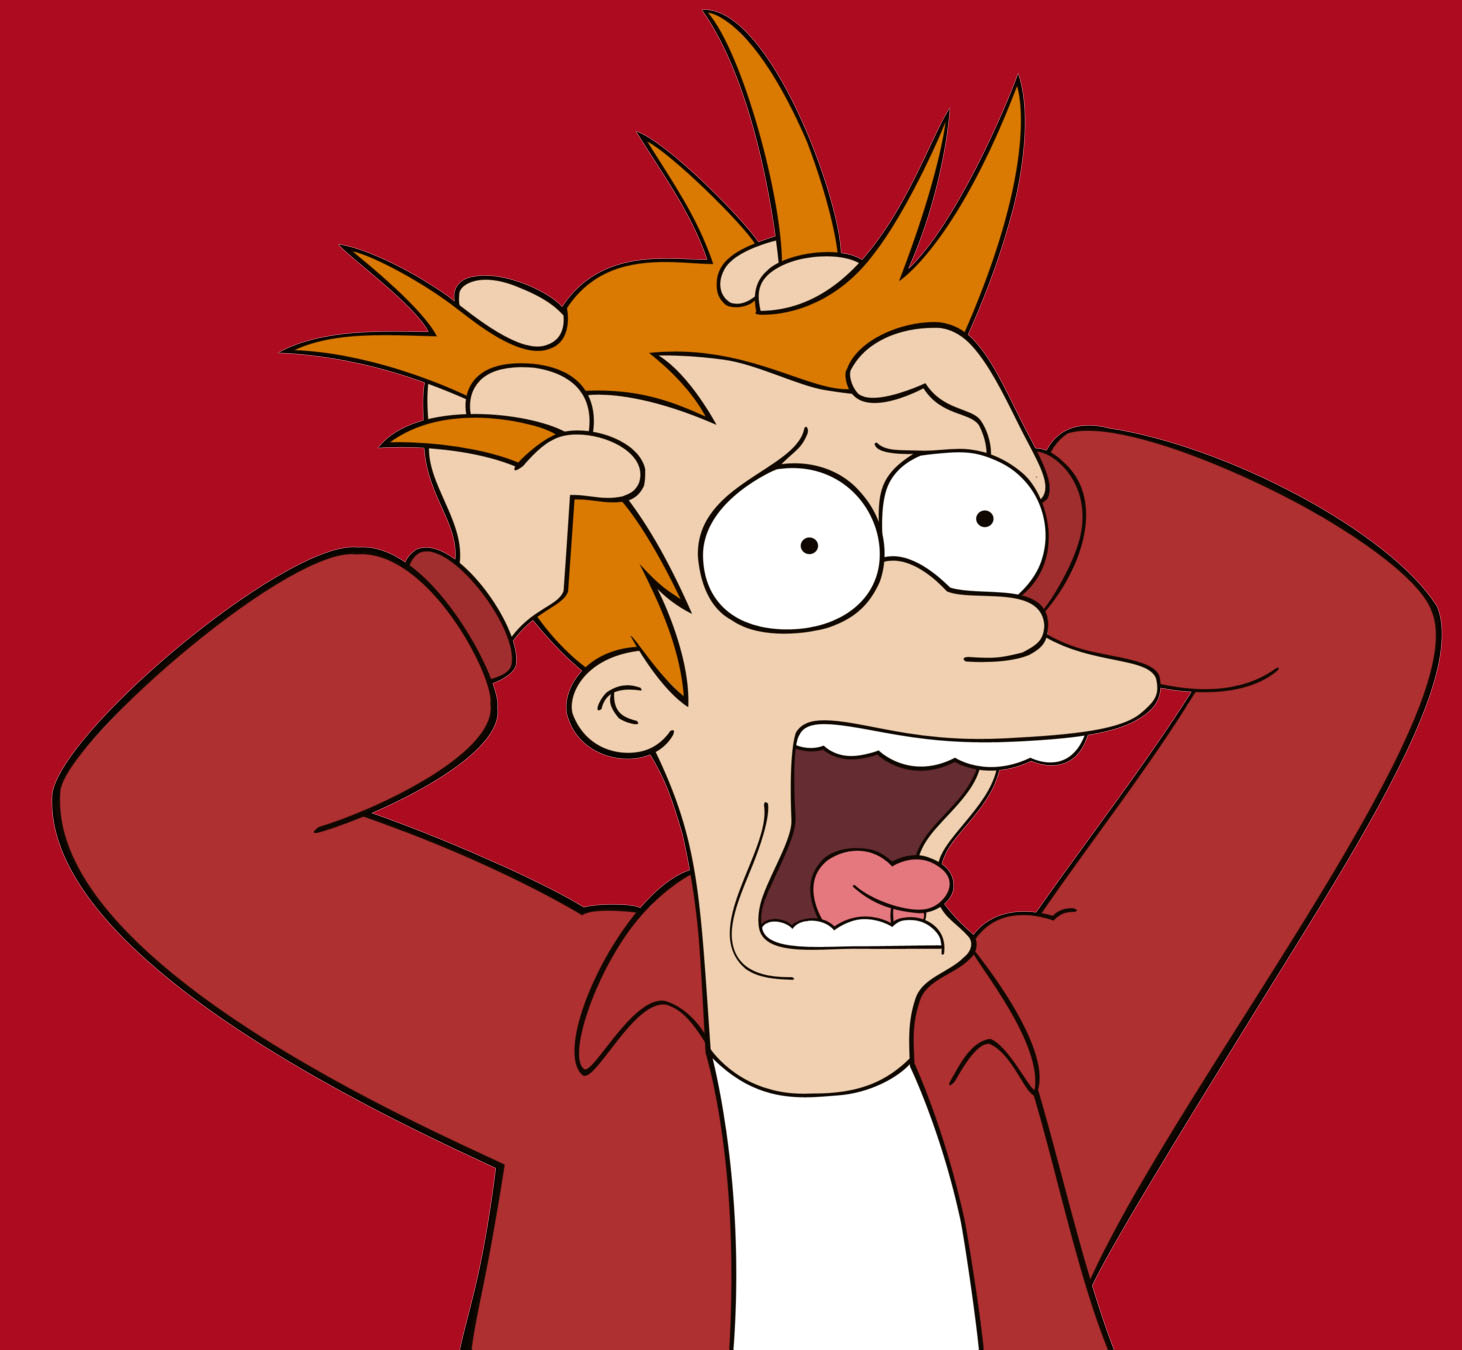 Непонятно откуда взявшееся волнение: Предвкушение чего-то плохого или приступ паники?